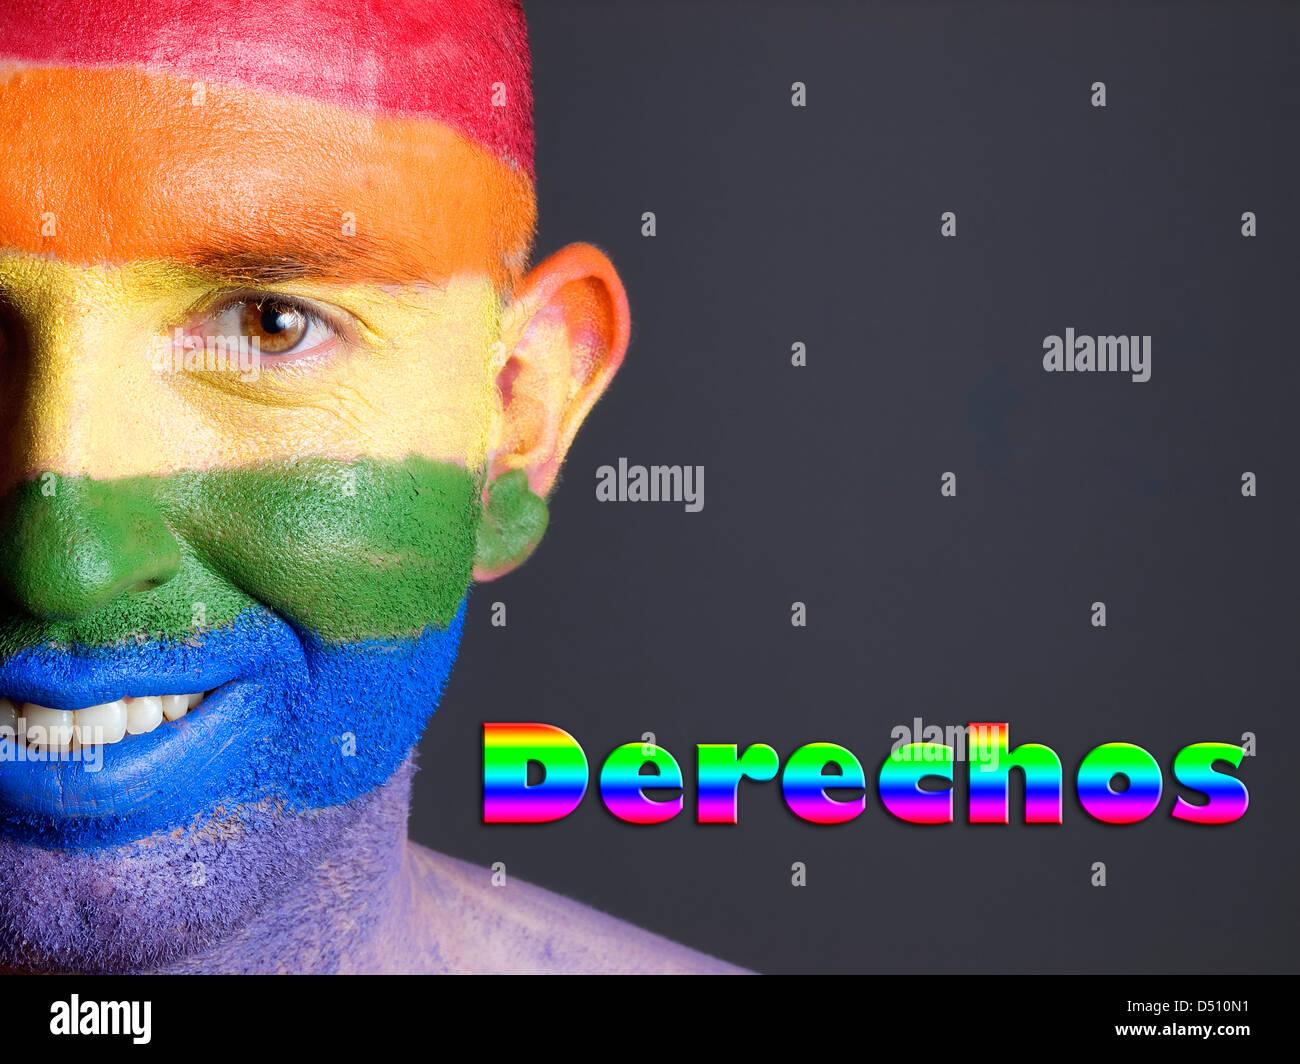 Hombre con la bandera gay pintada en la cara sonriendo y. La Palabra Stampa 'derechos' esta escrita en lado Immagini Stock